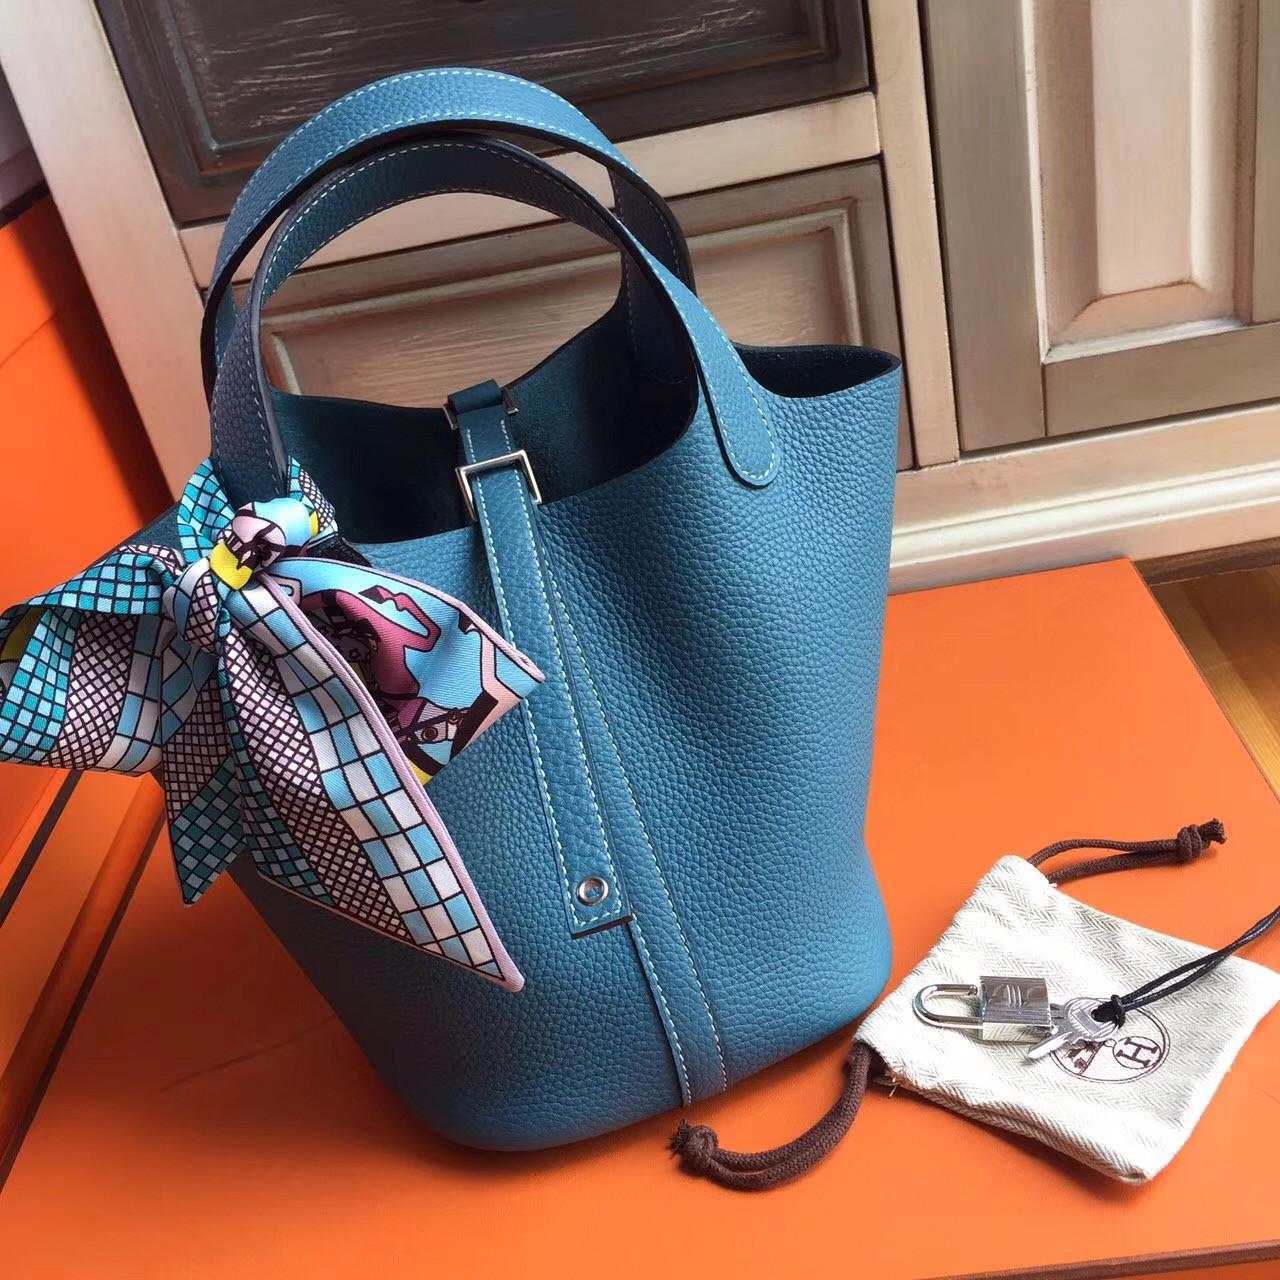 5910029d4fcc Hermes 75 Blue Jean Picotin Lock 18 Togo Leather Bag - Bella Vita Moda